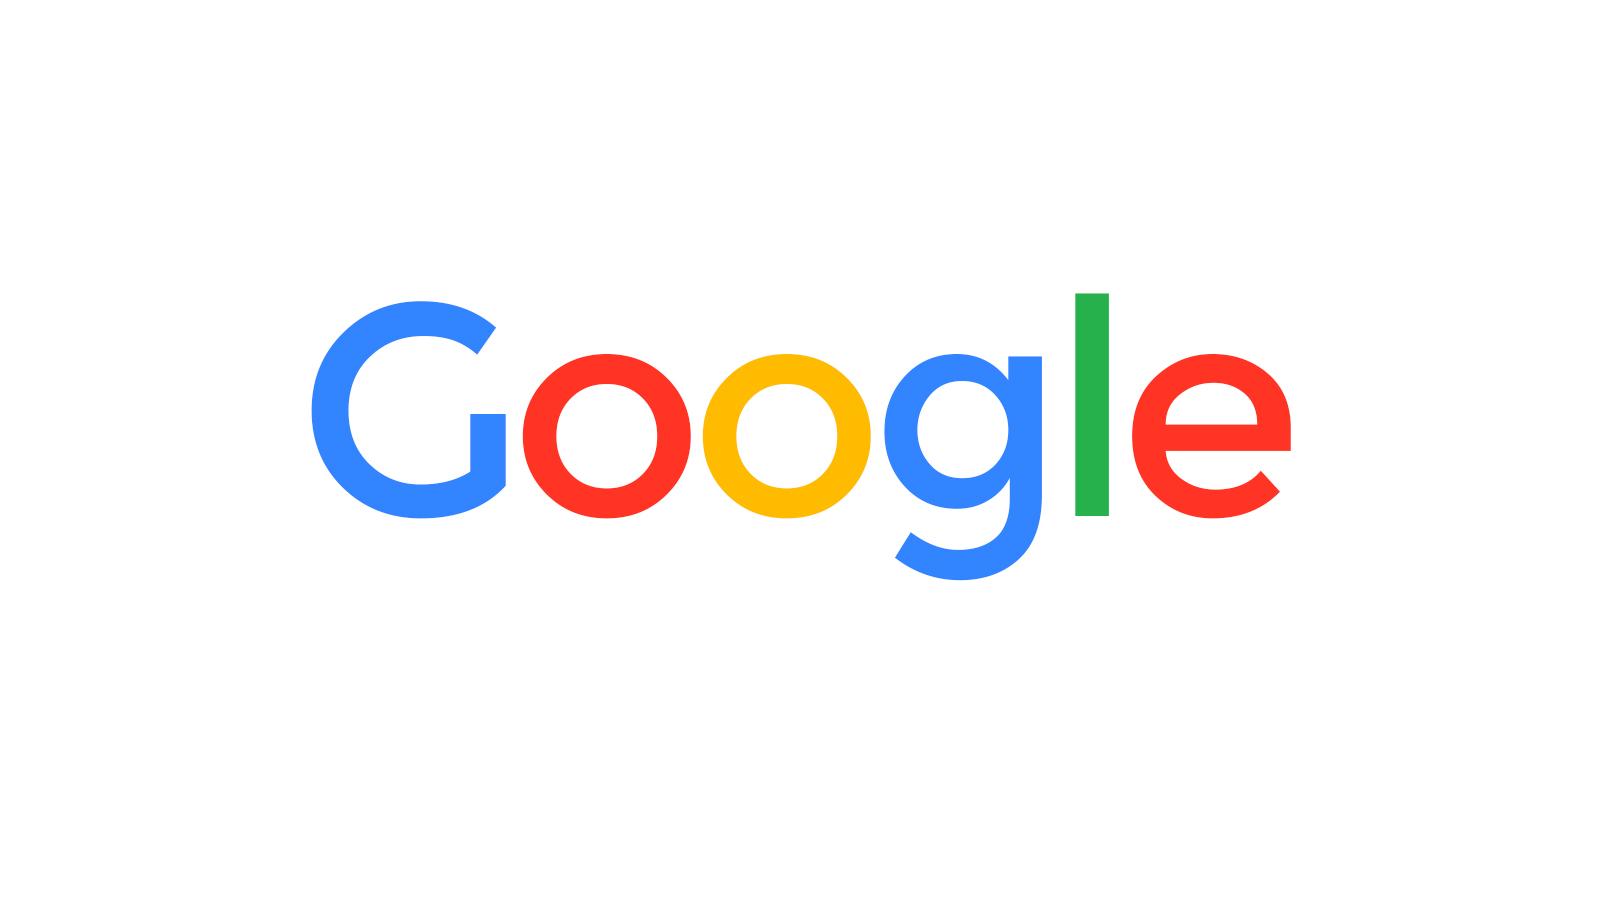 articulos/Google-Logo-2.jpg